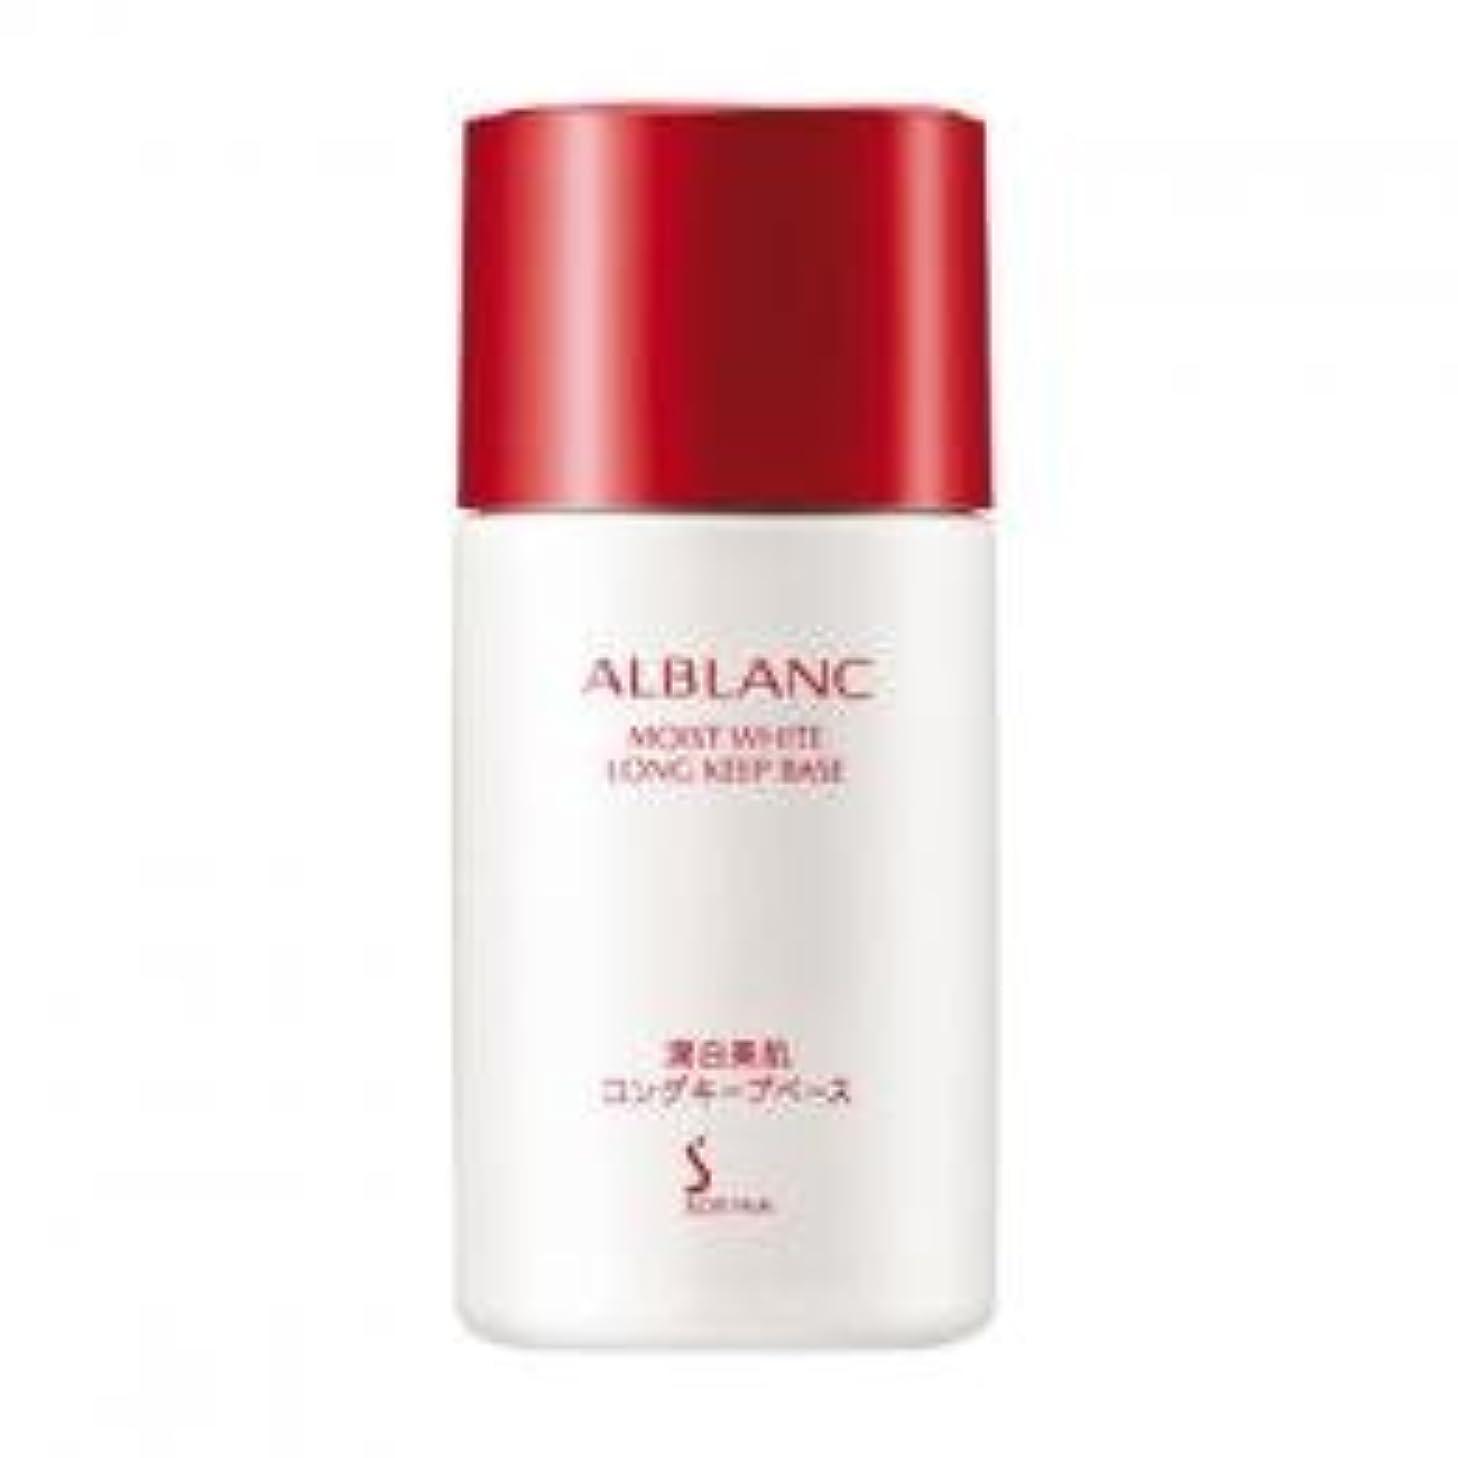 ニックネームに関してやりがいのあるアルブラン 潤白美肌 ロングキープベース 25ml